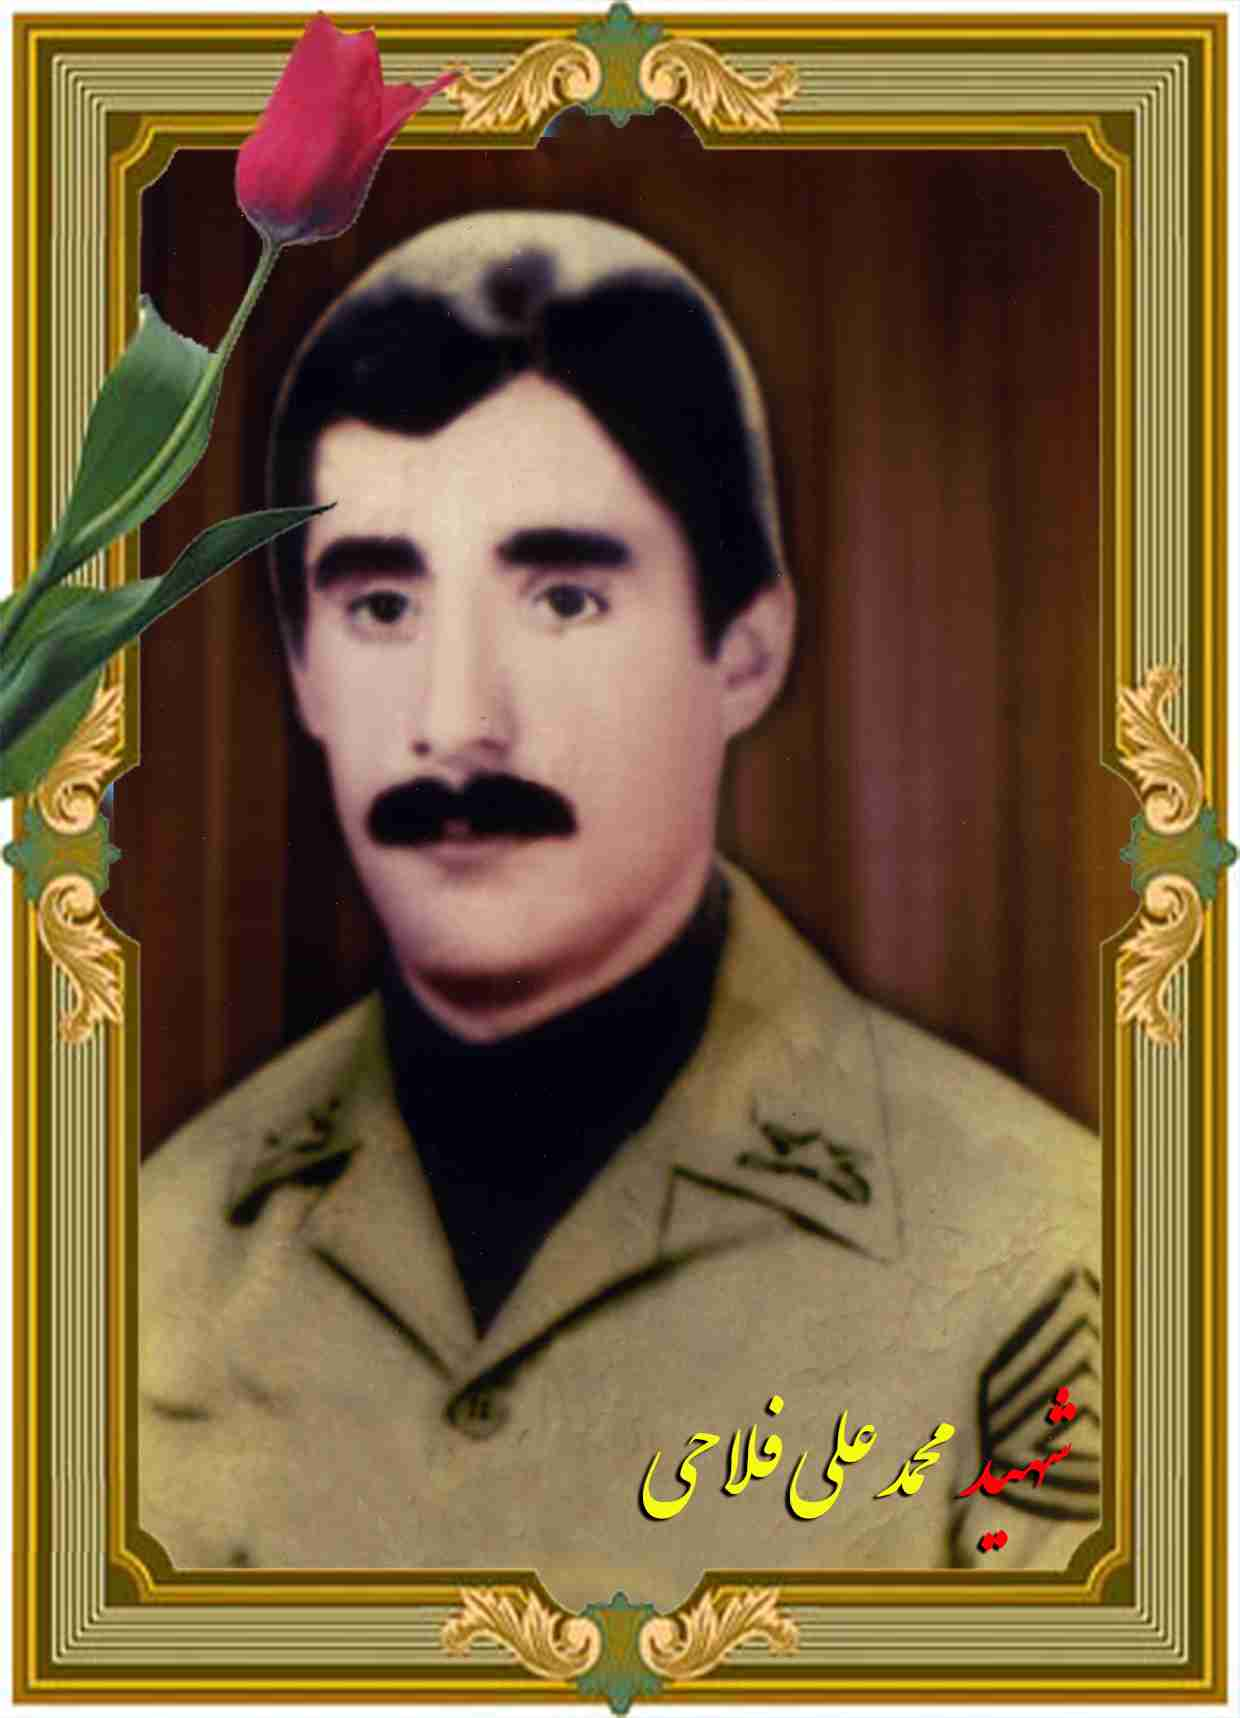 شهيد محمد علي فلاحي